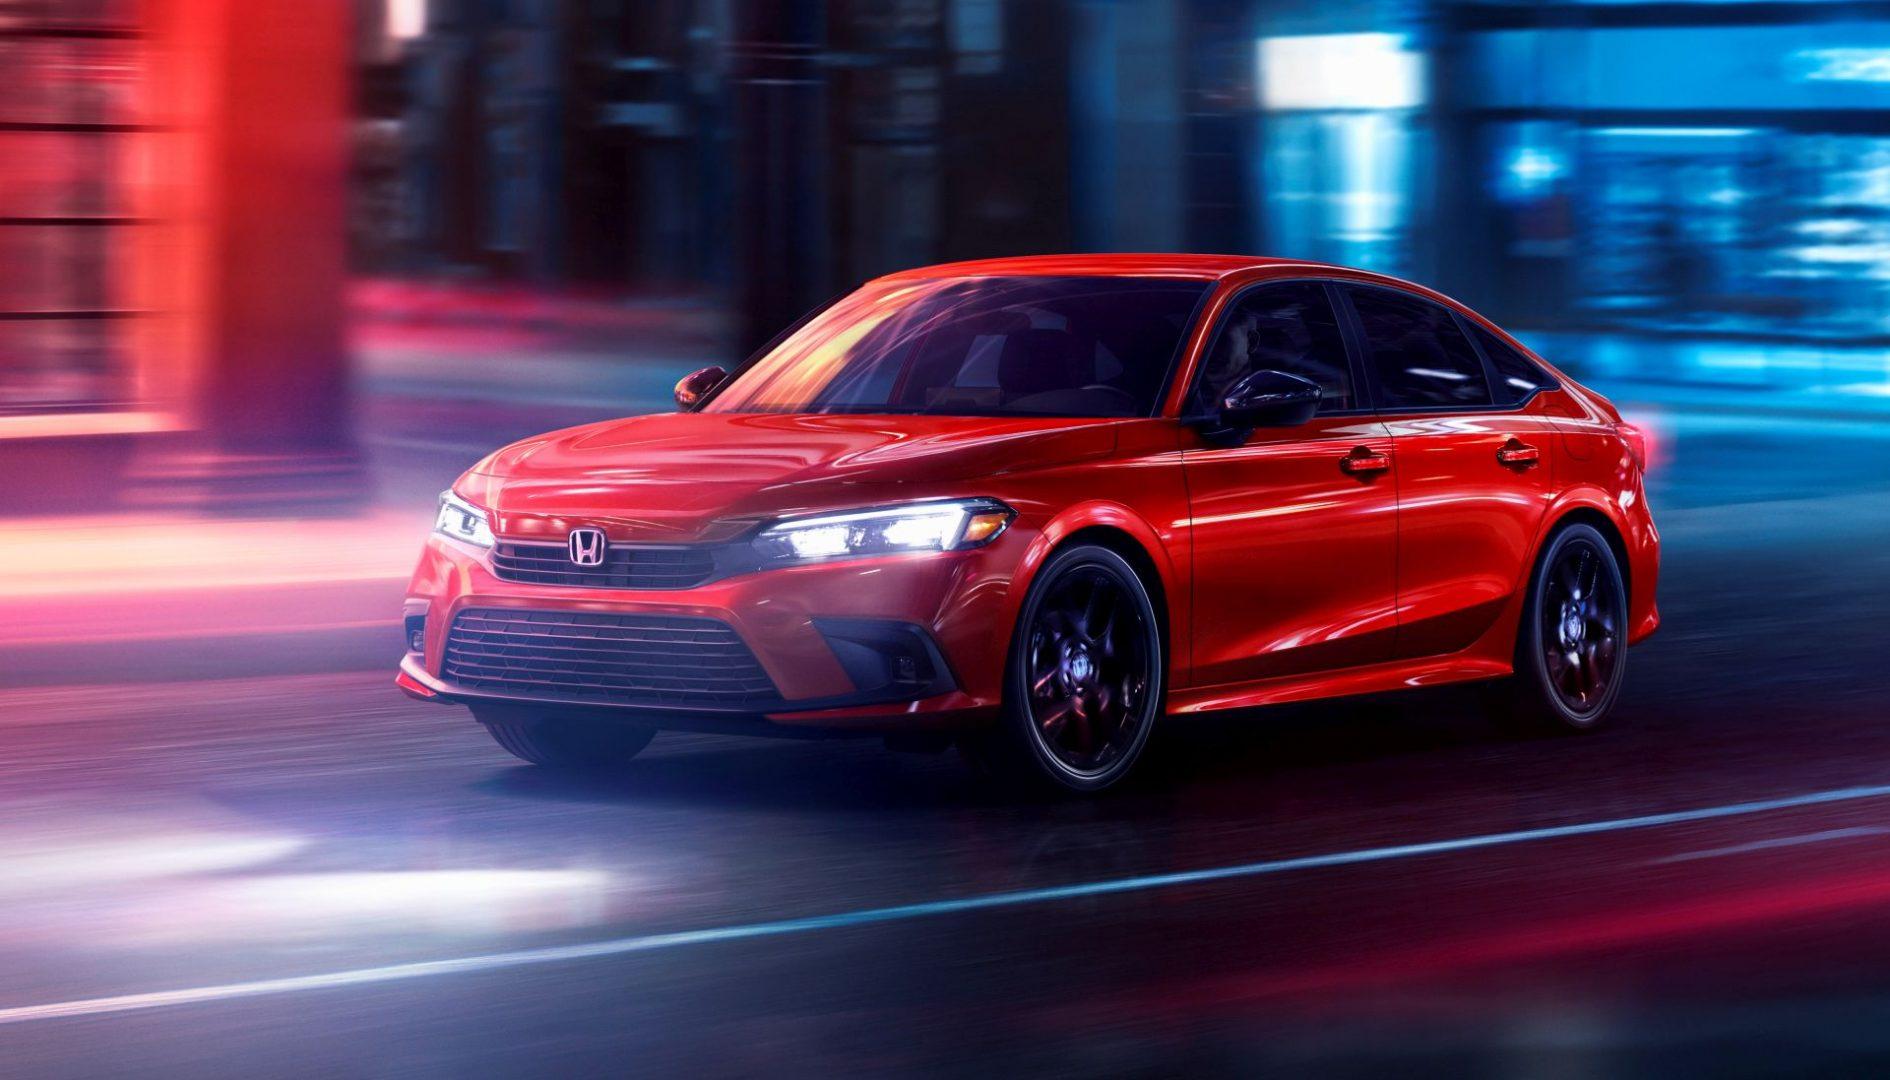 Honda je predstavila novi Civic za SAD, a europska izvedba neće biti puno drugačija